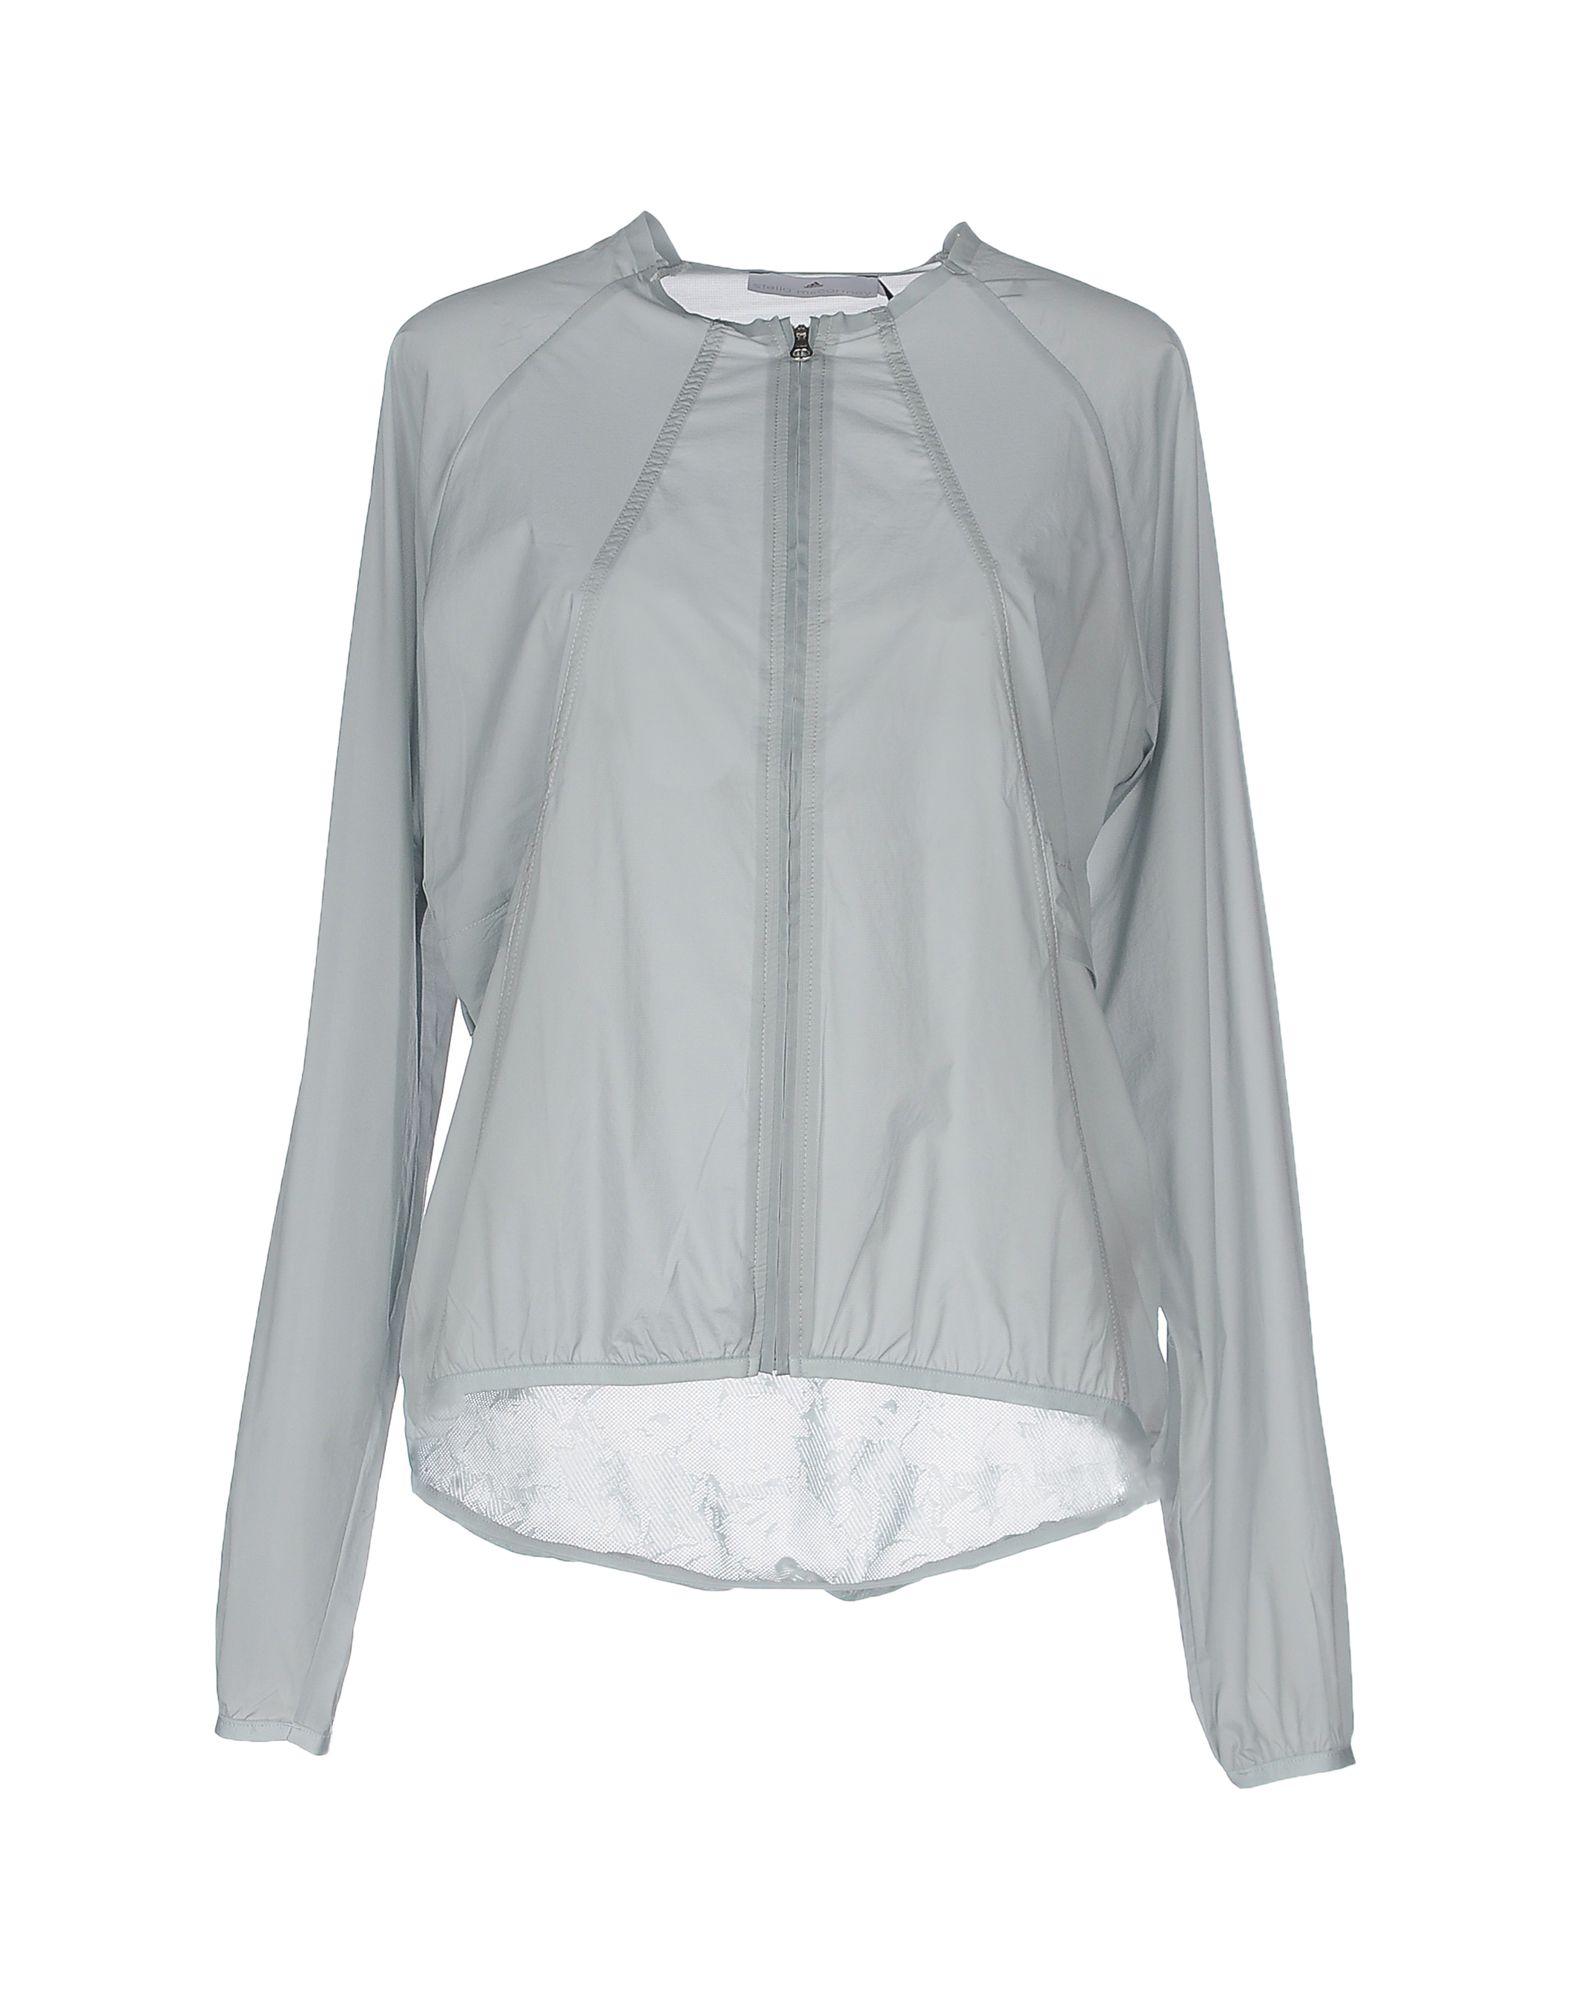 Giubbotto Adidas By Stella Mccartney Donna - Acquista online su vUhDnG